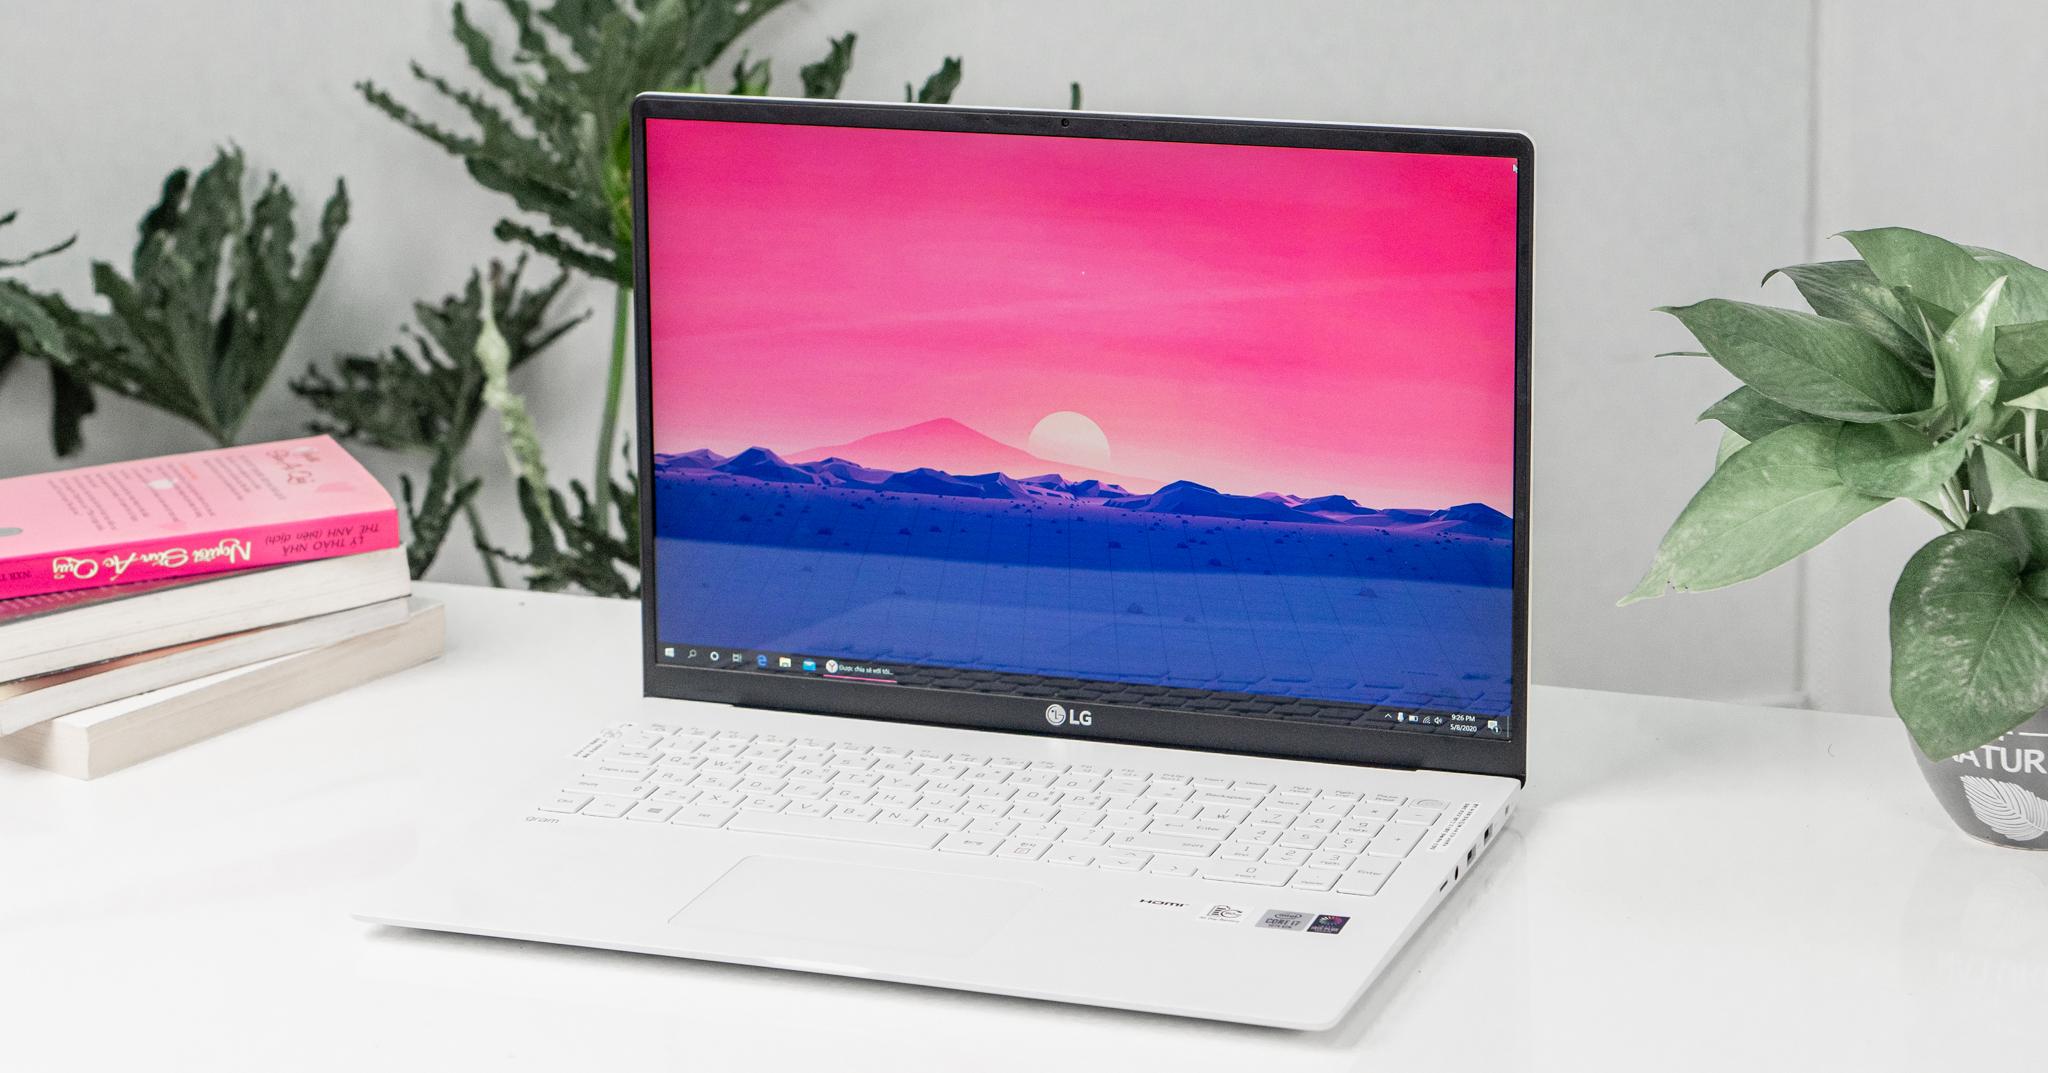 Trên tay LG Gram 2020 17: Laptop 17 inches siêu nhẹ, siêu bền đến từ LG